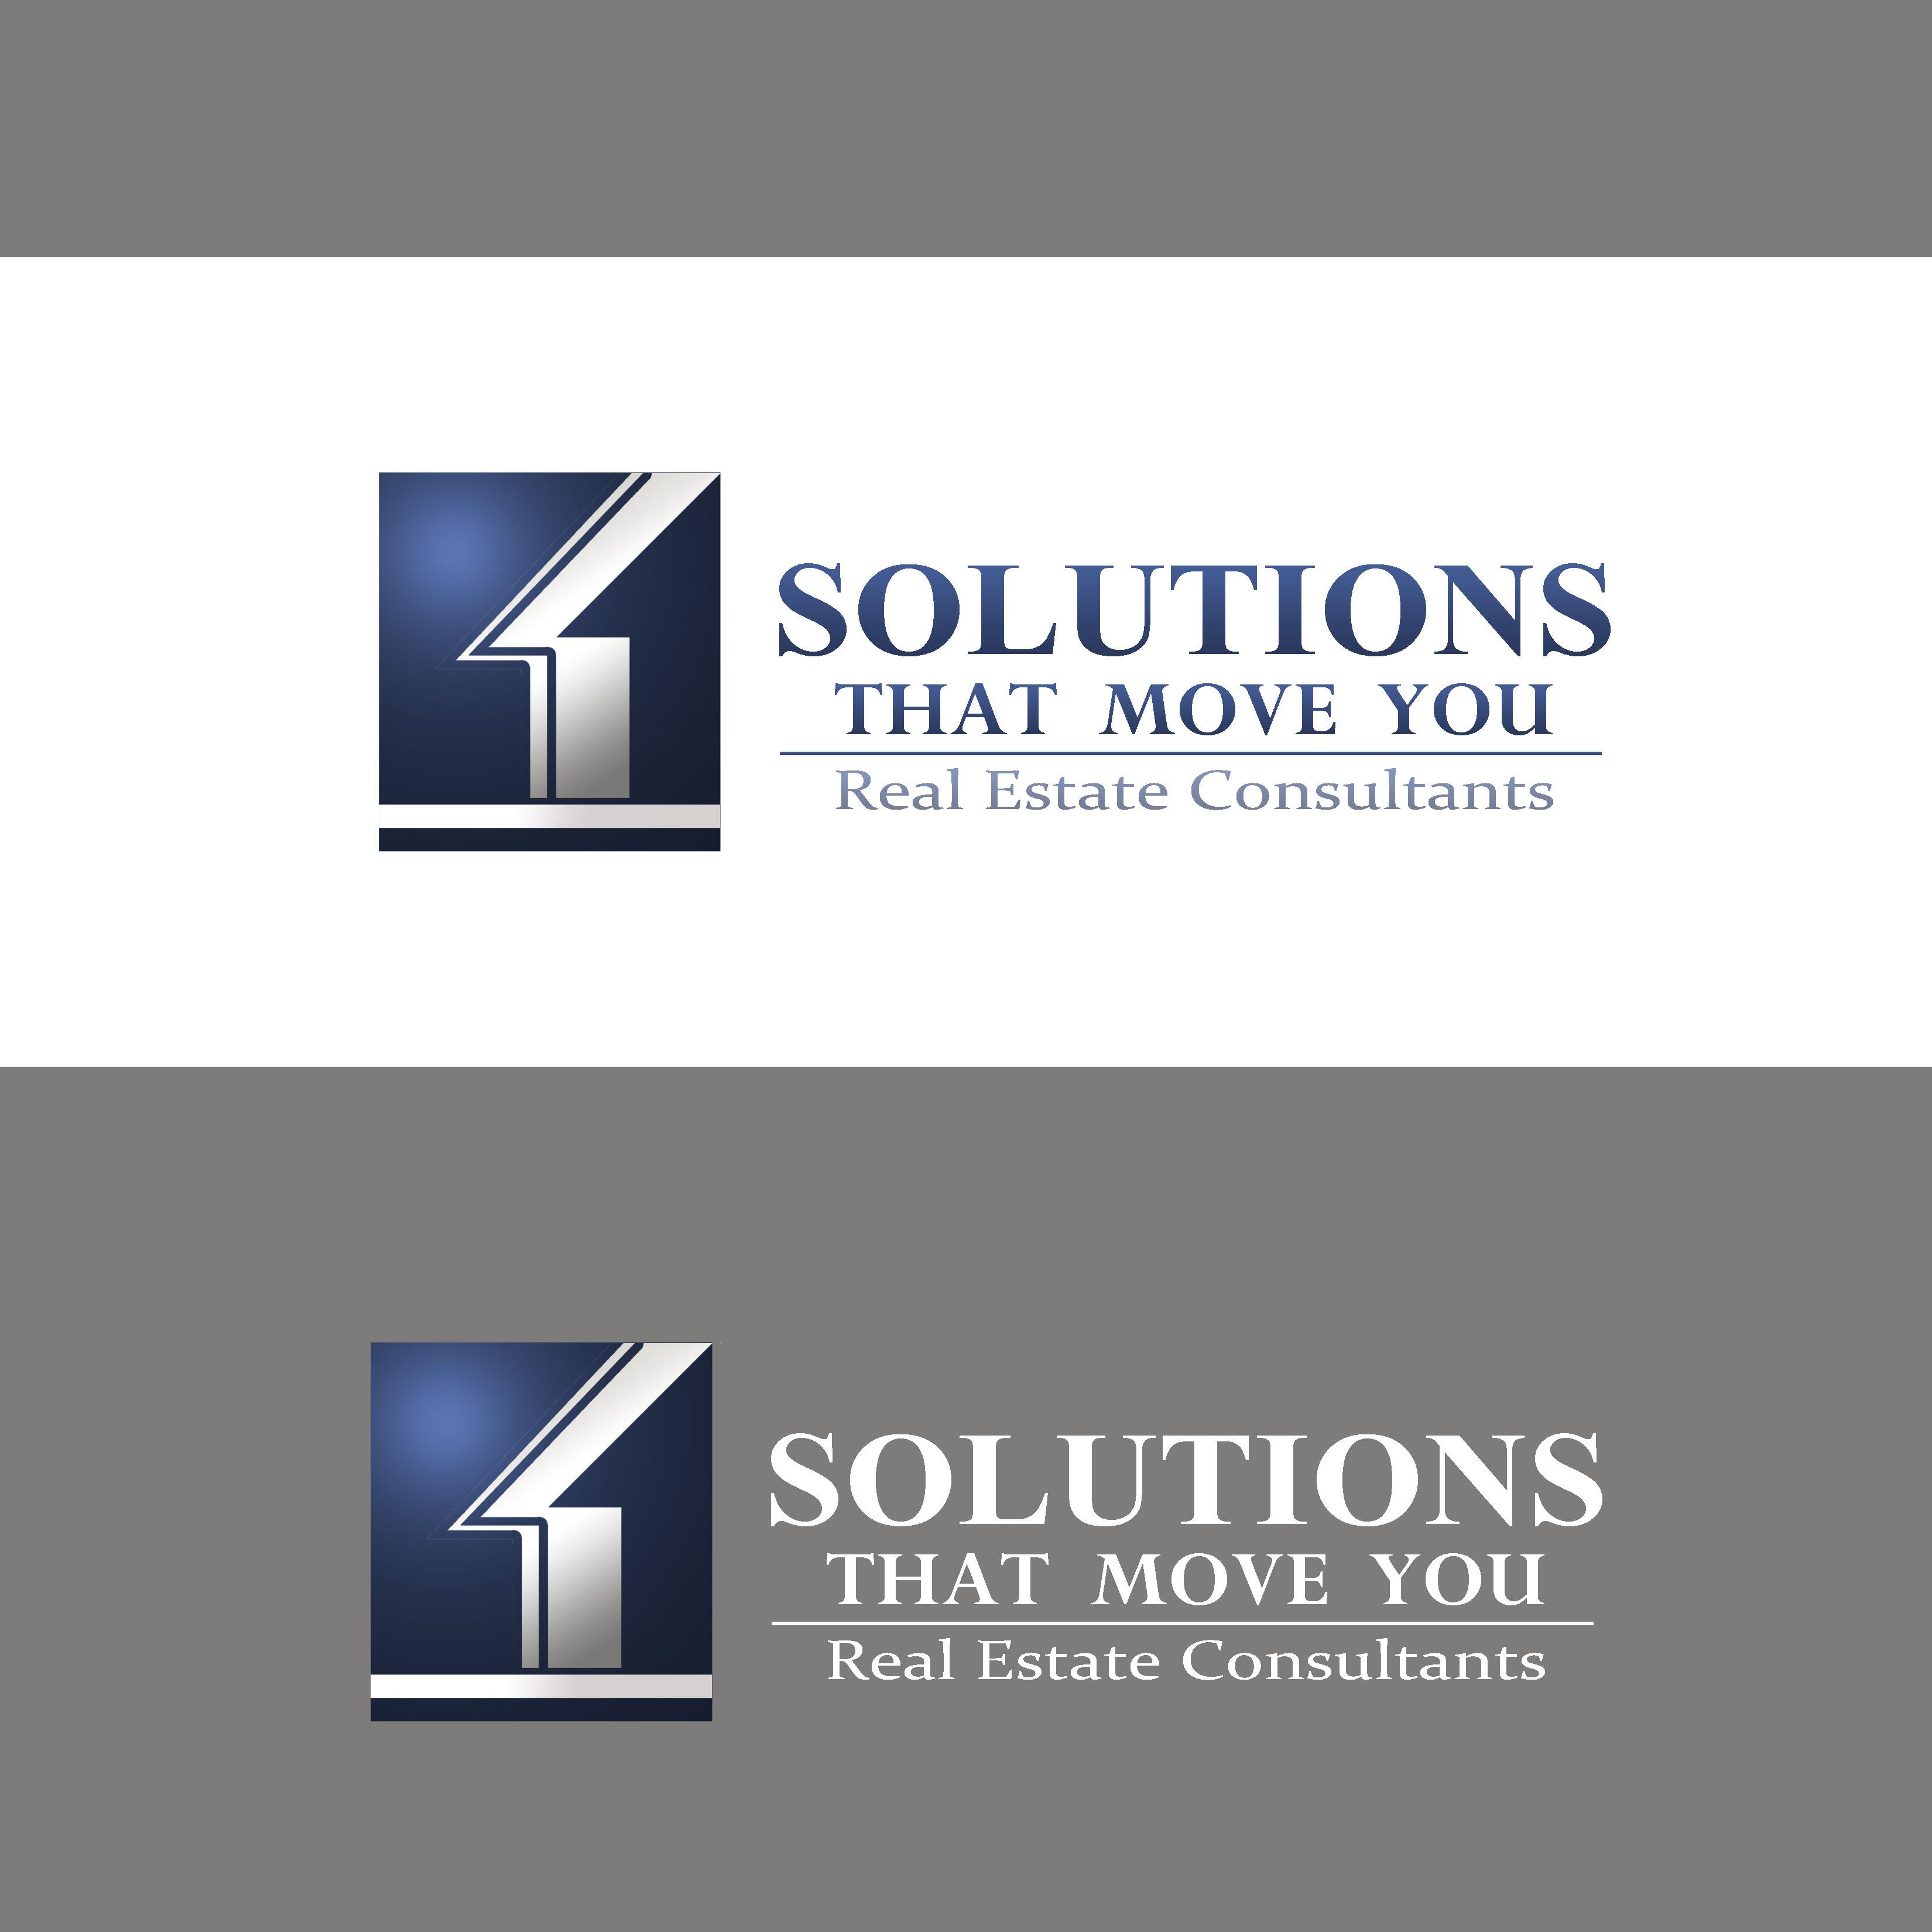 Logo Design by Allan Esclamado - Entry No. 37 in the Logo Design Contest Imaginative Logo Design for Solutions That Move You.